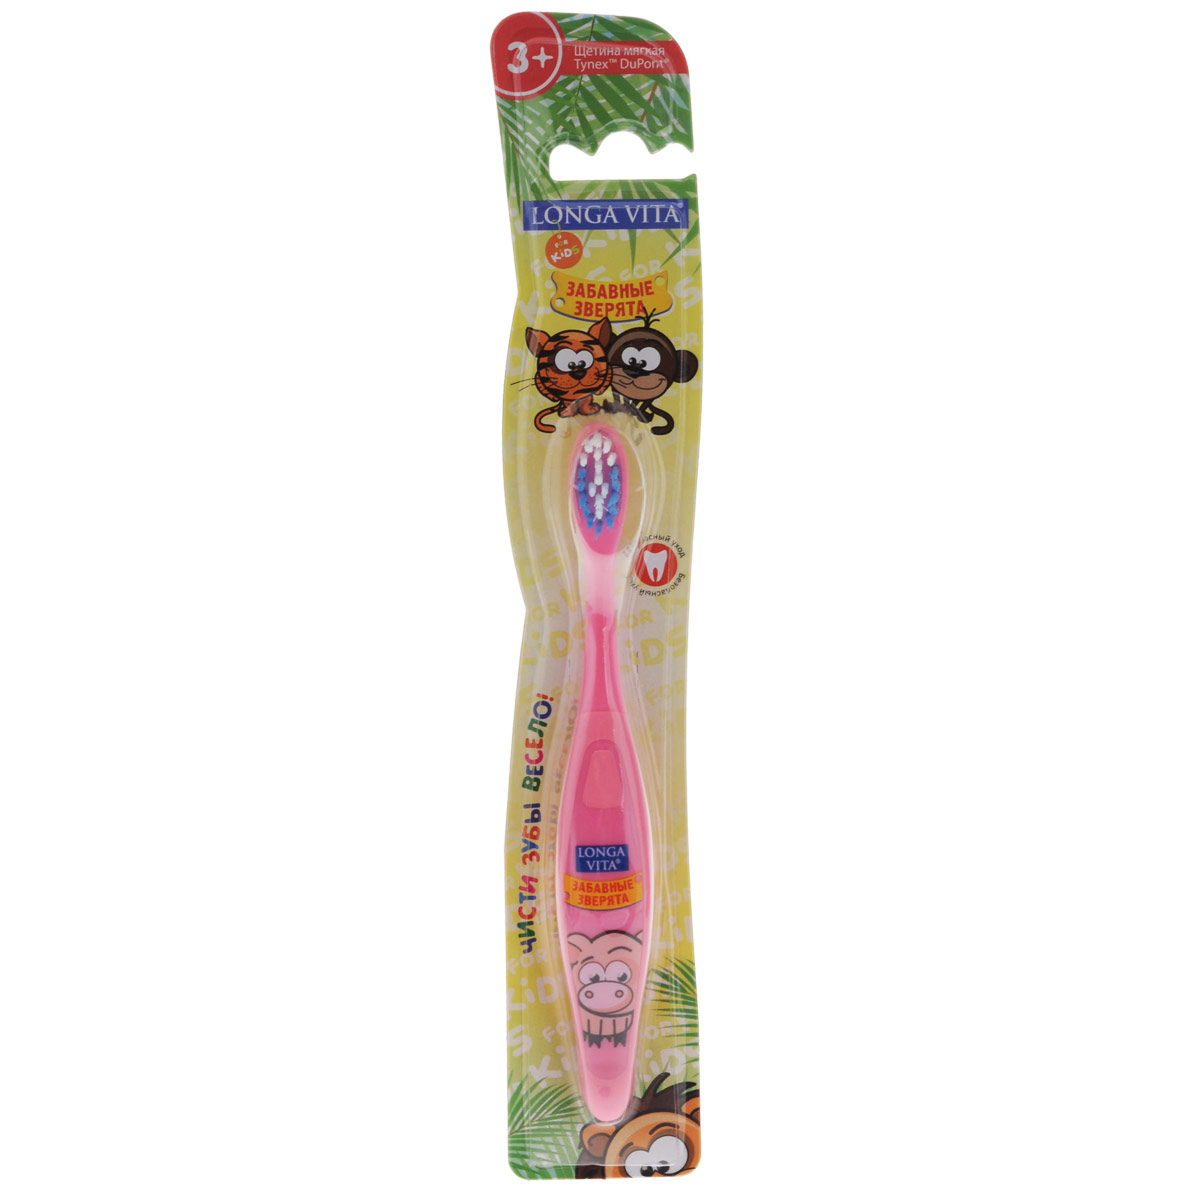 Детская зубная щетка Longa Vita Забавные зверята, цвет: розовый детская зубная щетка longa vita забавные зверята в ассортименте